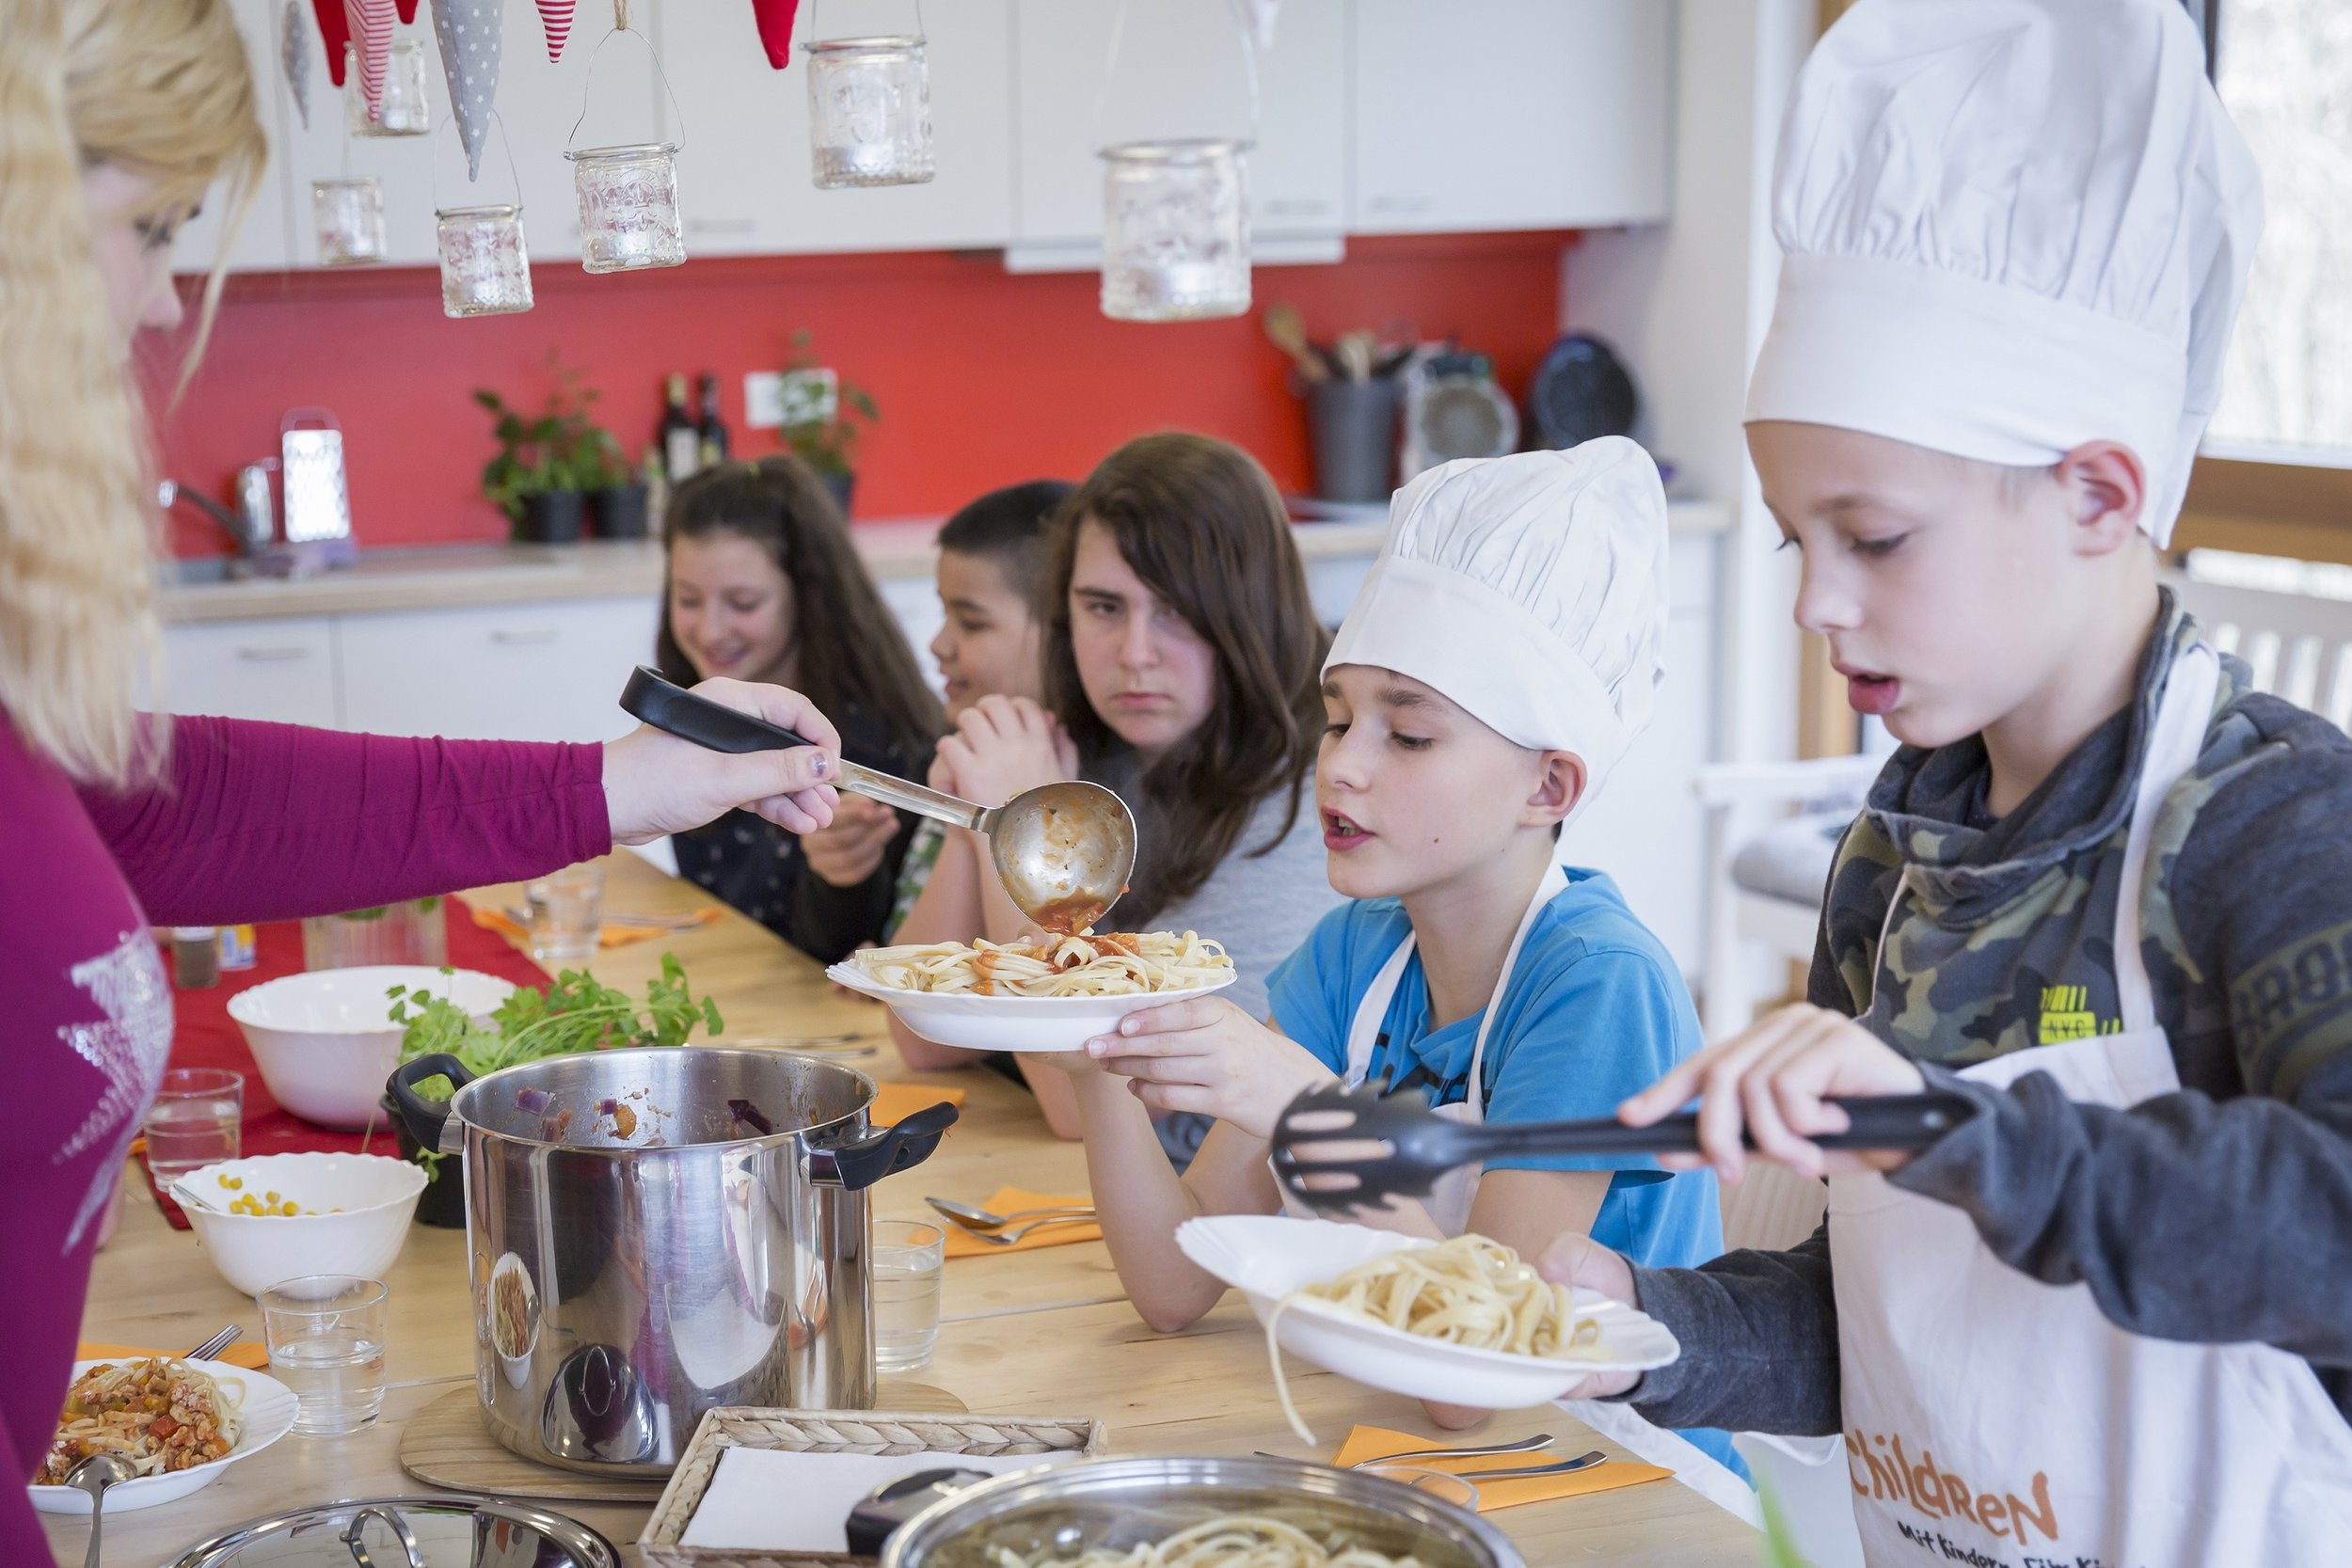 Die Mahlzeiten werden in familiärer Atmosphäre eingenommen.